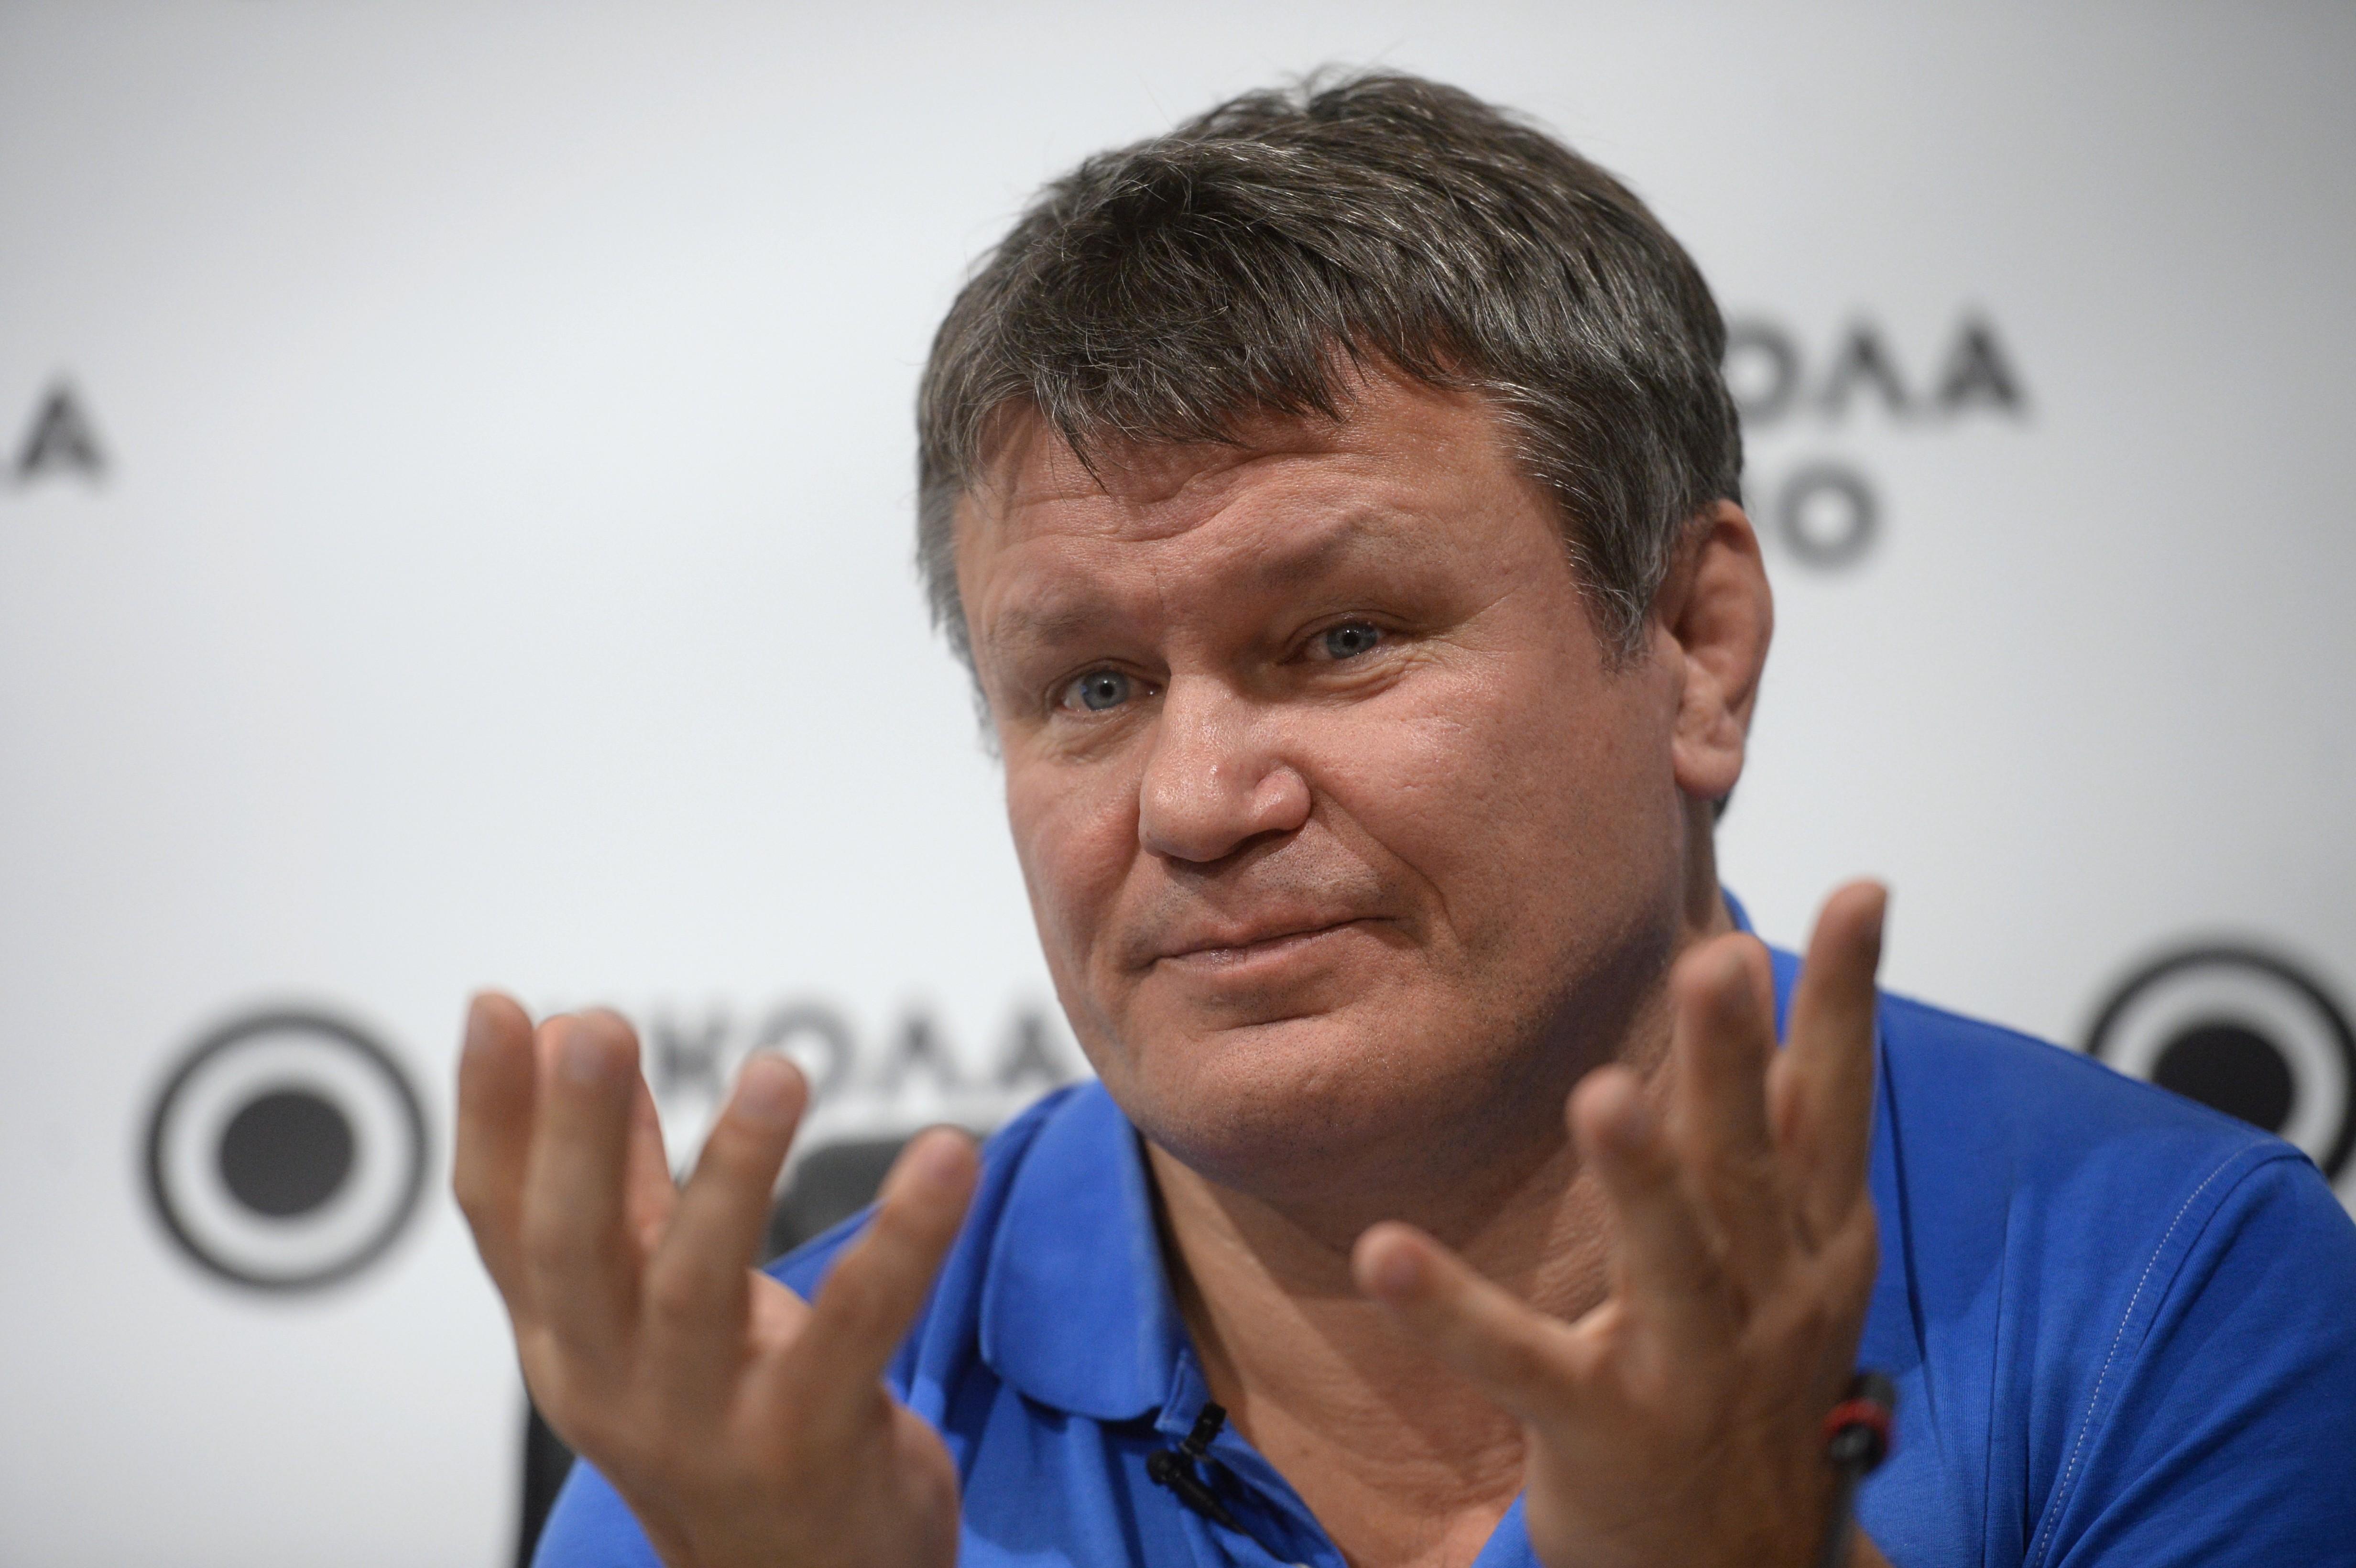 Олег Тактаров. Фото: © РИА Новости/Кирилл Каллиников